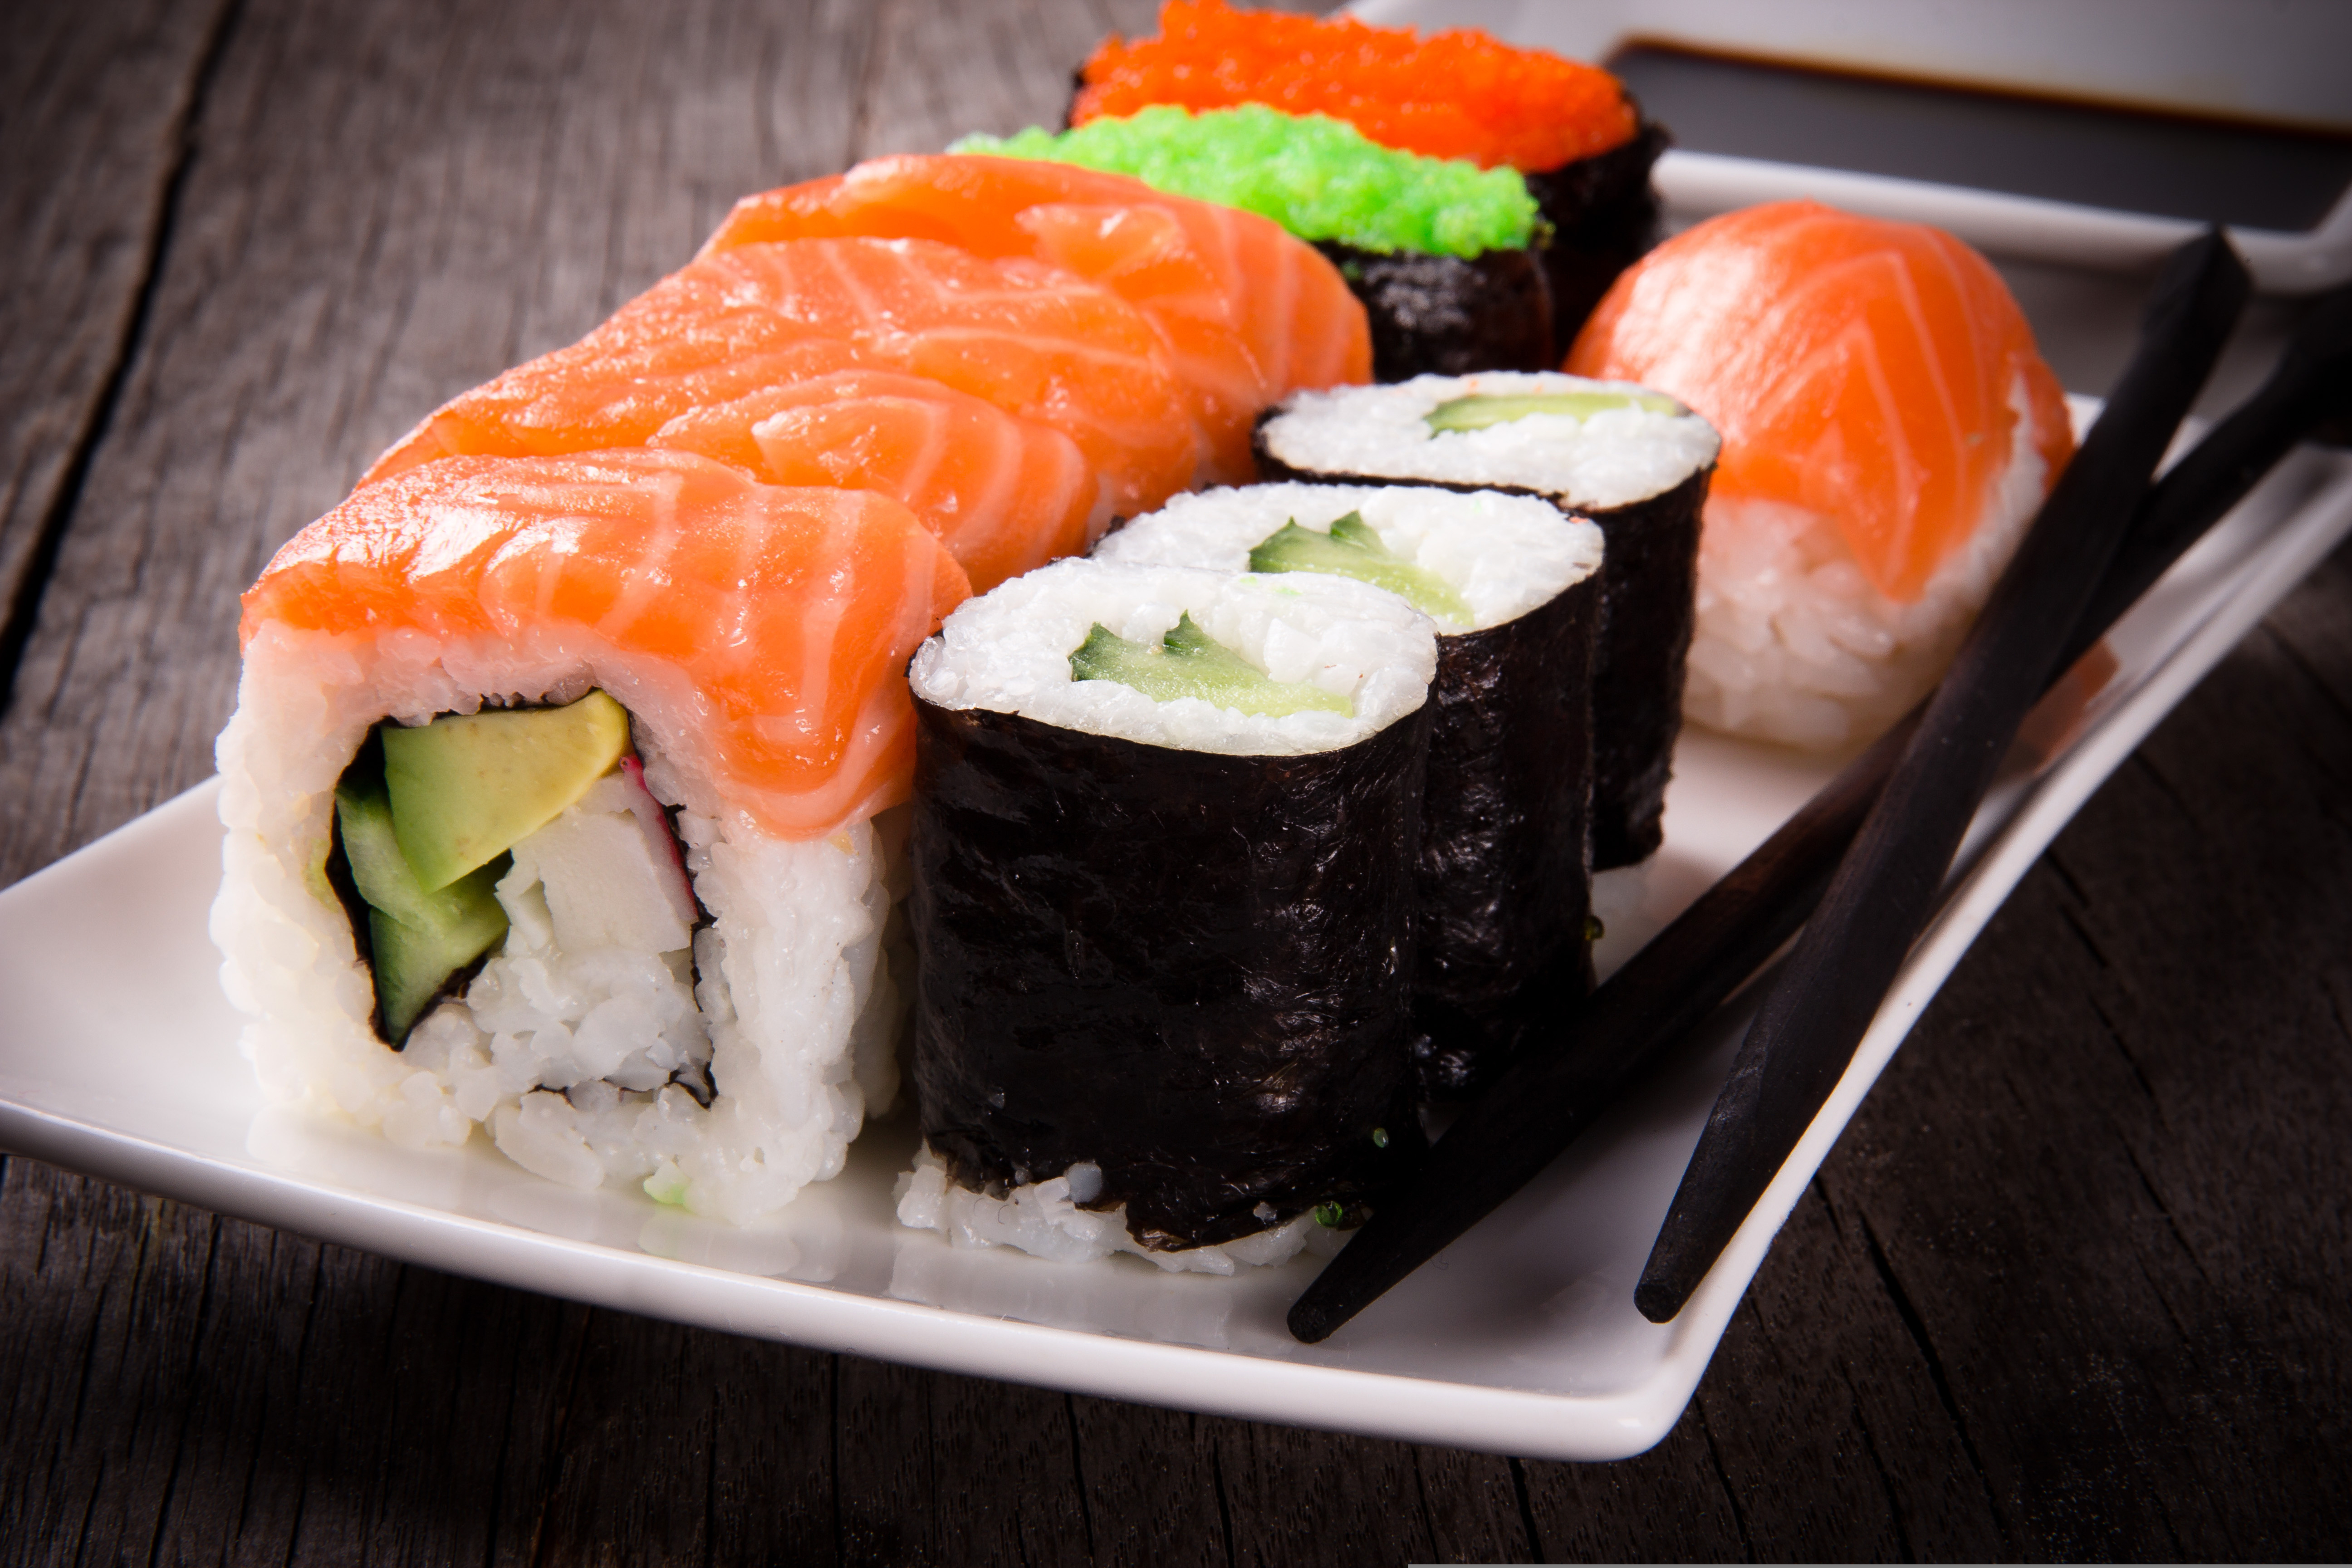 представить японская кухня с картинками авангардист, который